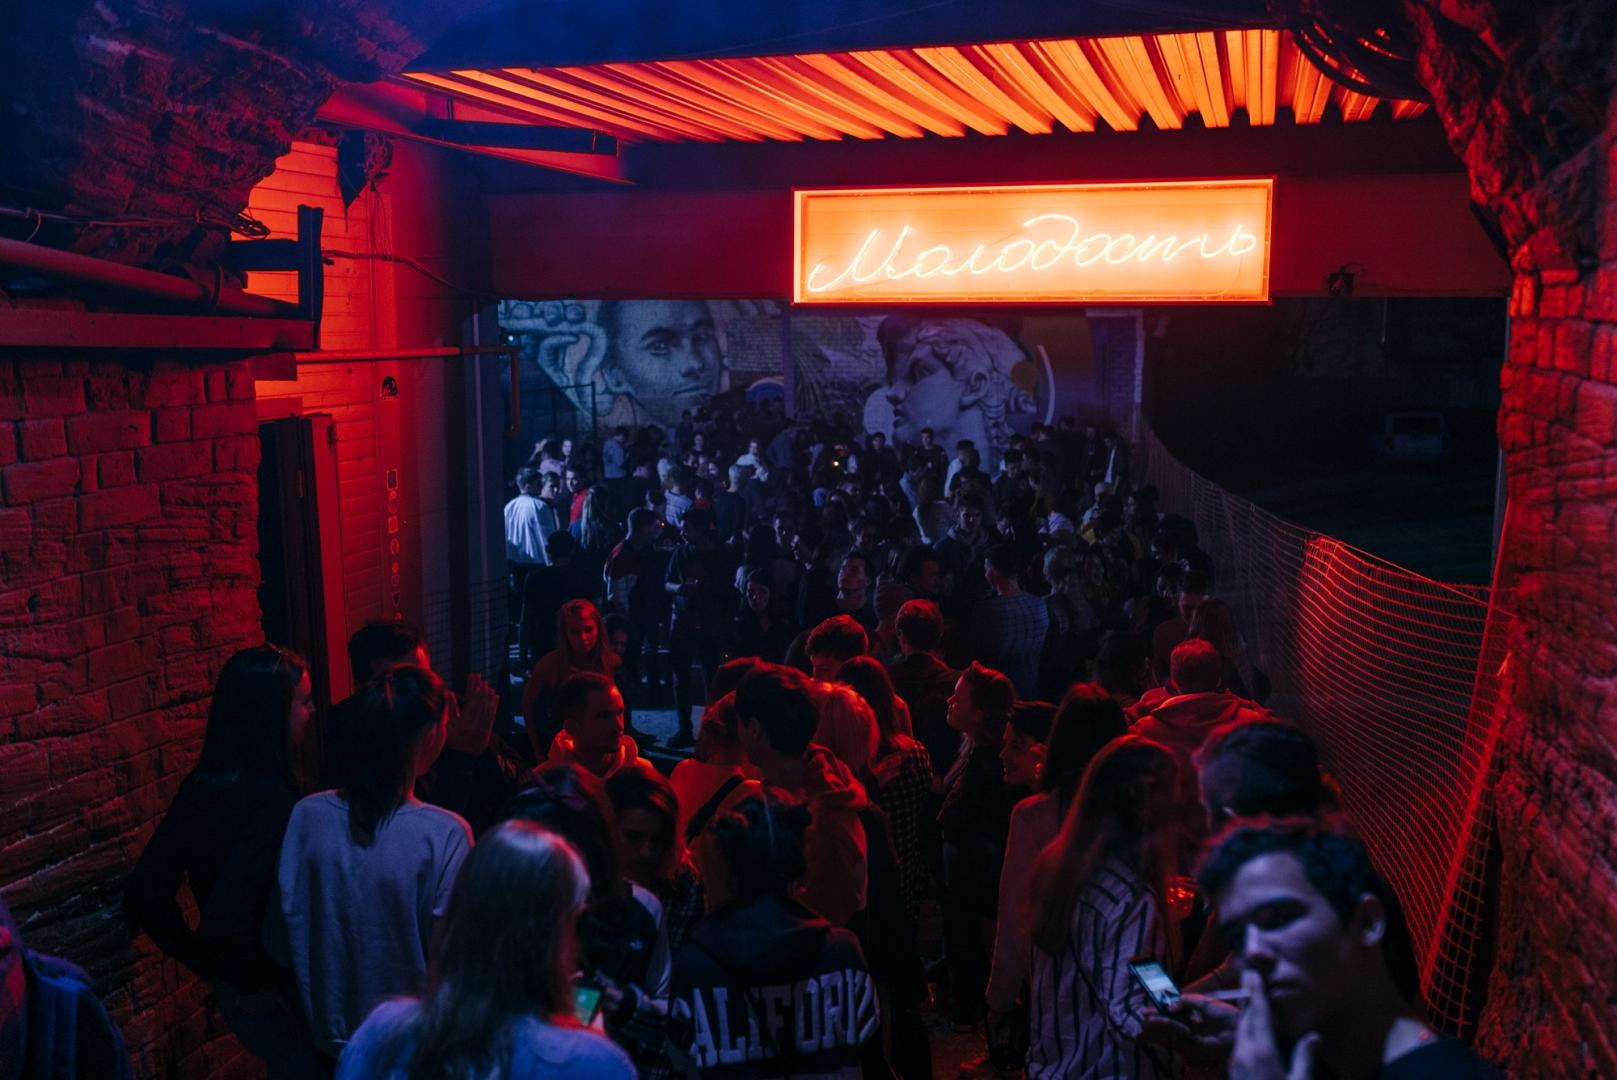 Профсоюзная ночной клуб аудиосистема для ночного клуба